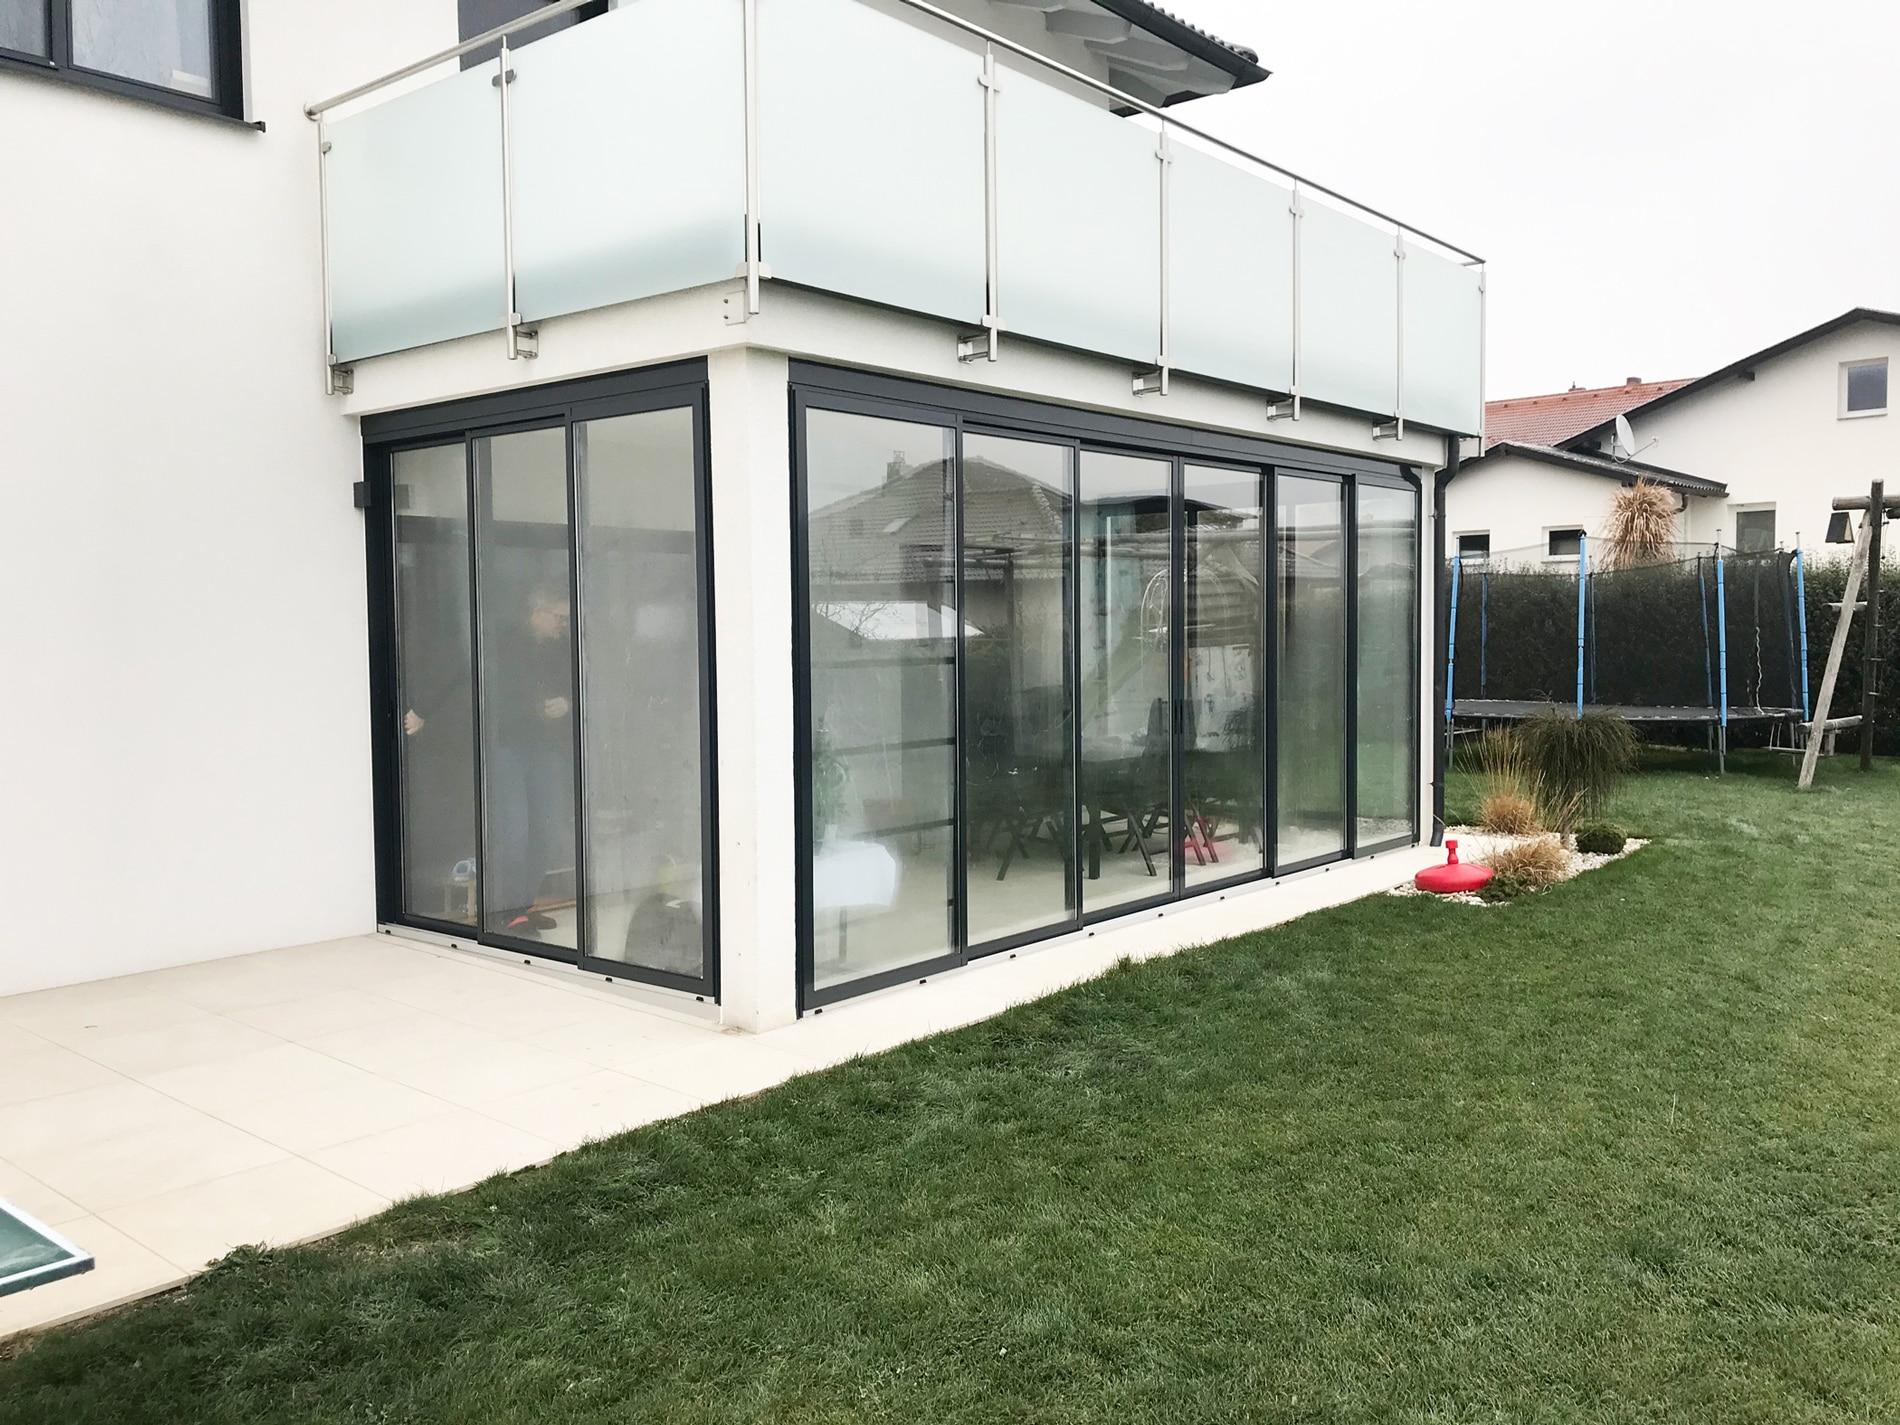 Terrassenverbau Schiebetüren im Bezirk Freistadt